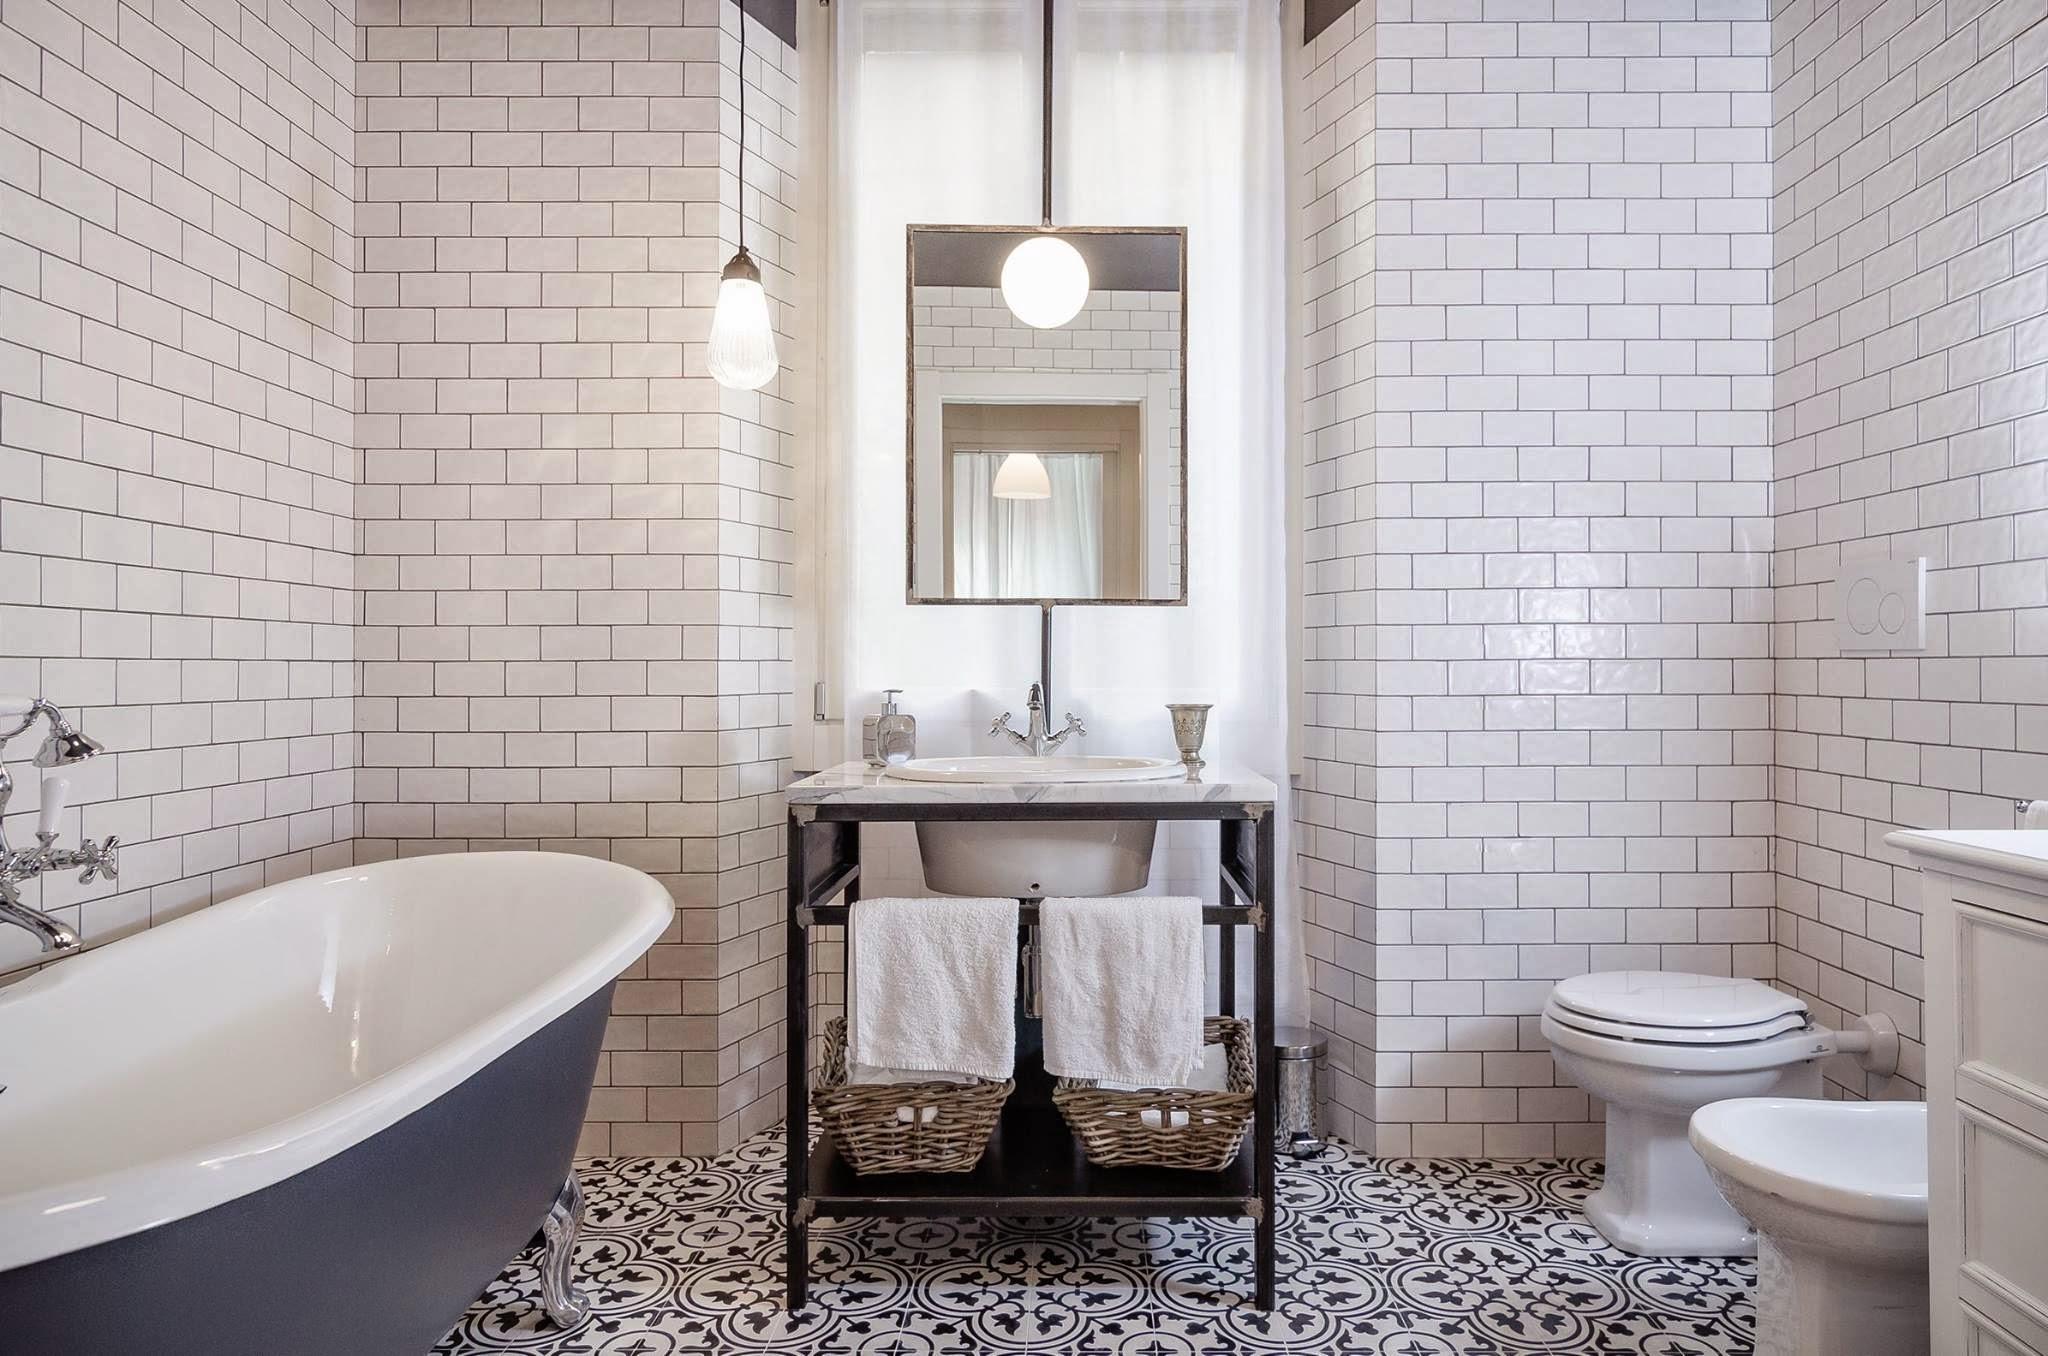 15 ispirazioni per un bagno vintage livingcorriere - Immagini piastrelle bagno ...